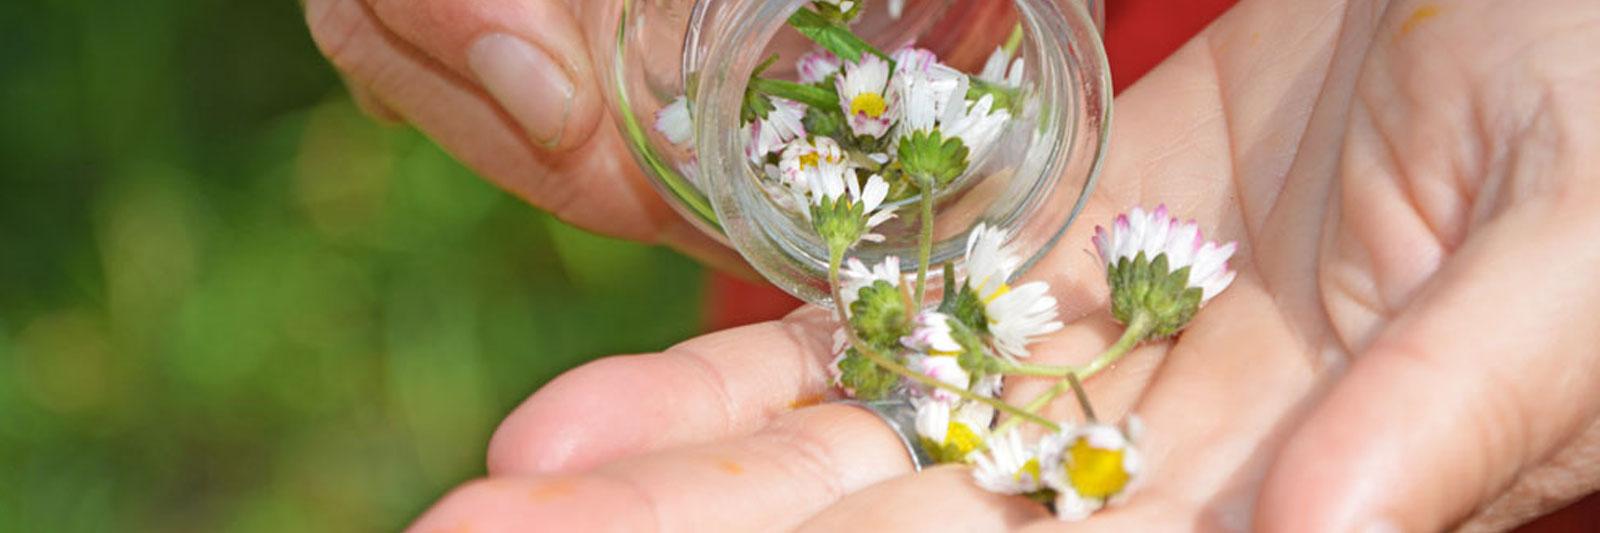 Gaensebluemchenblueten werden auf die Hand geleert